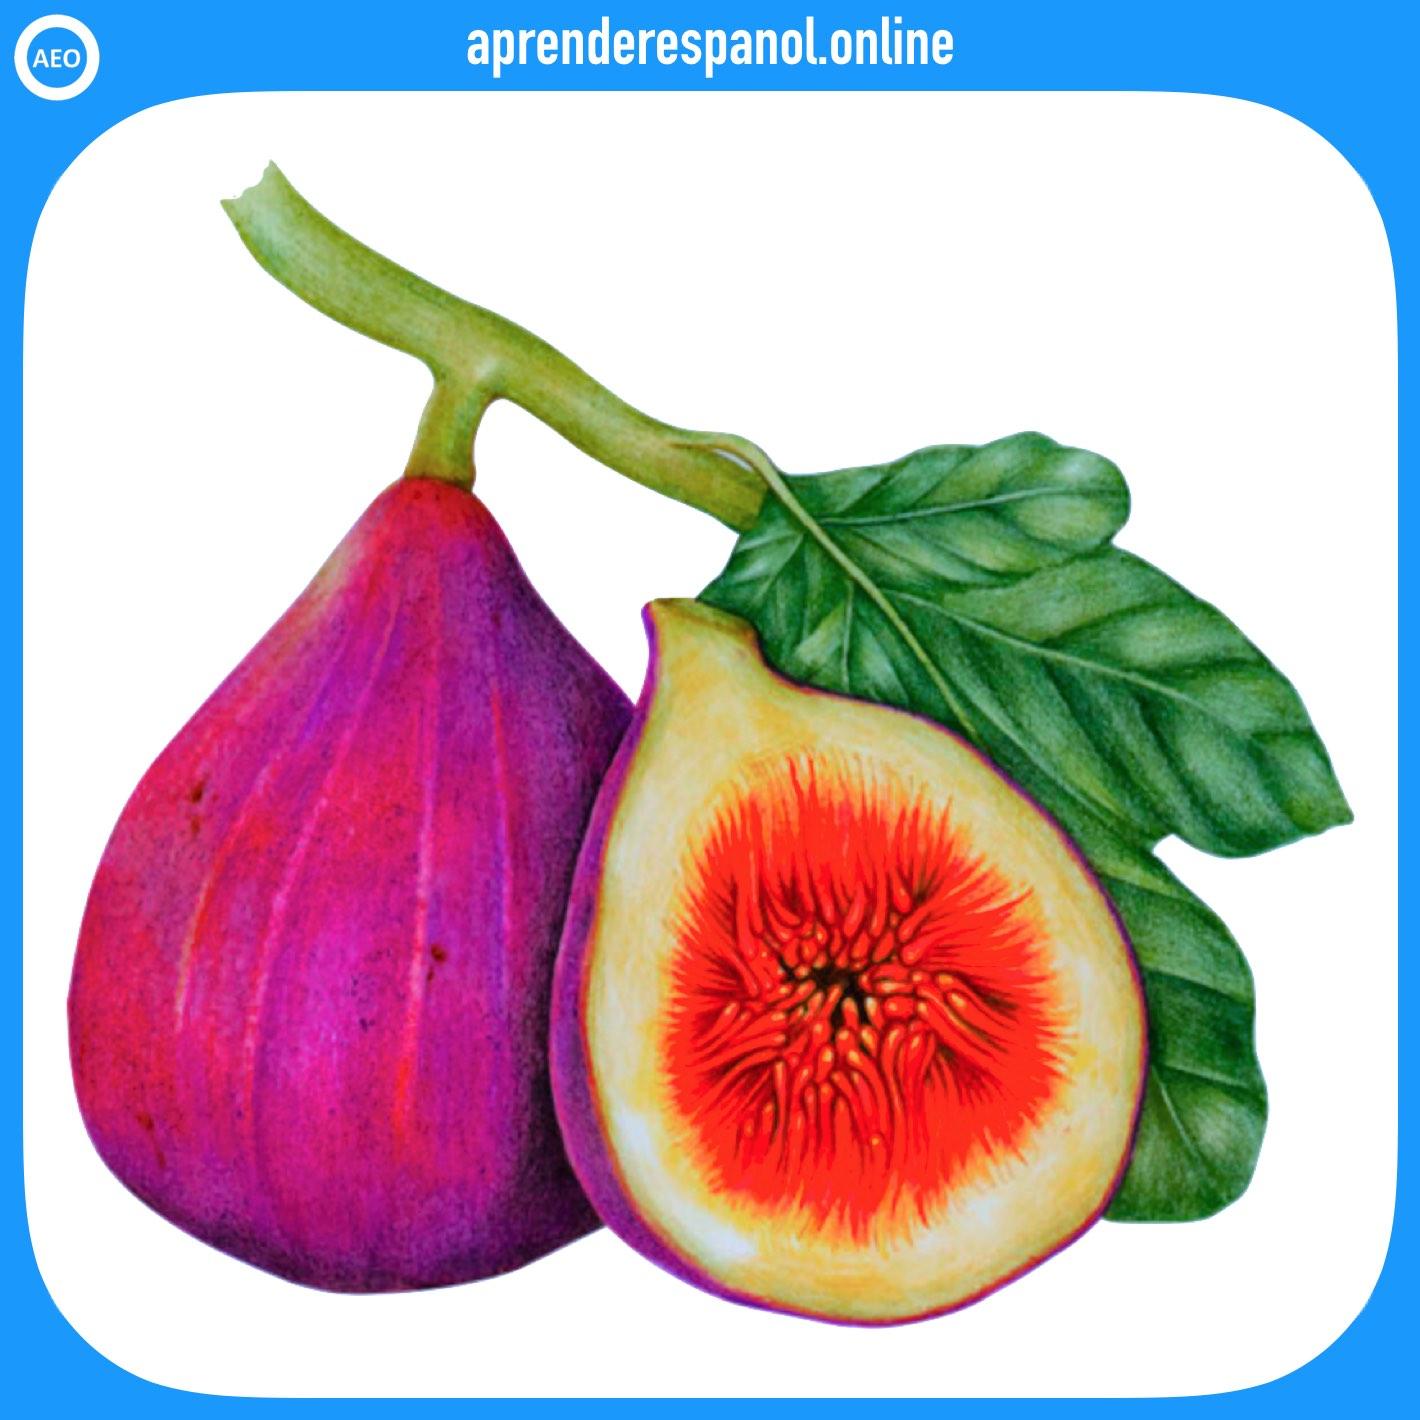 higo - frutas en español - vocabulario de las frutas en español